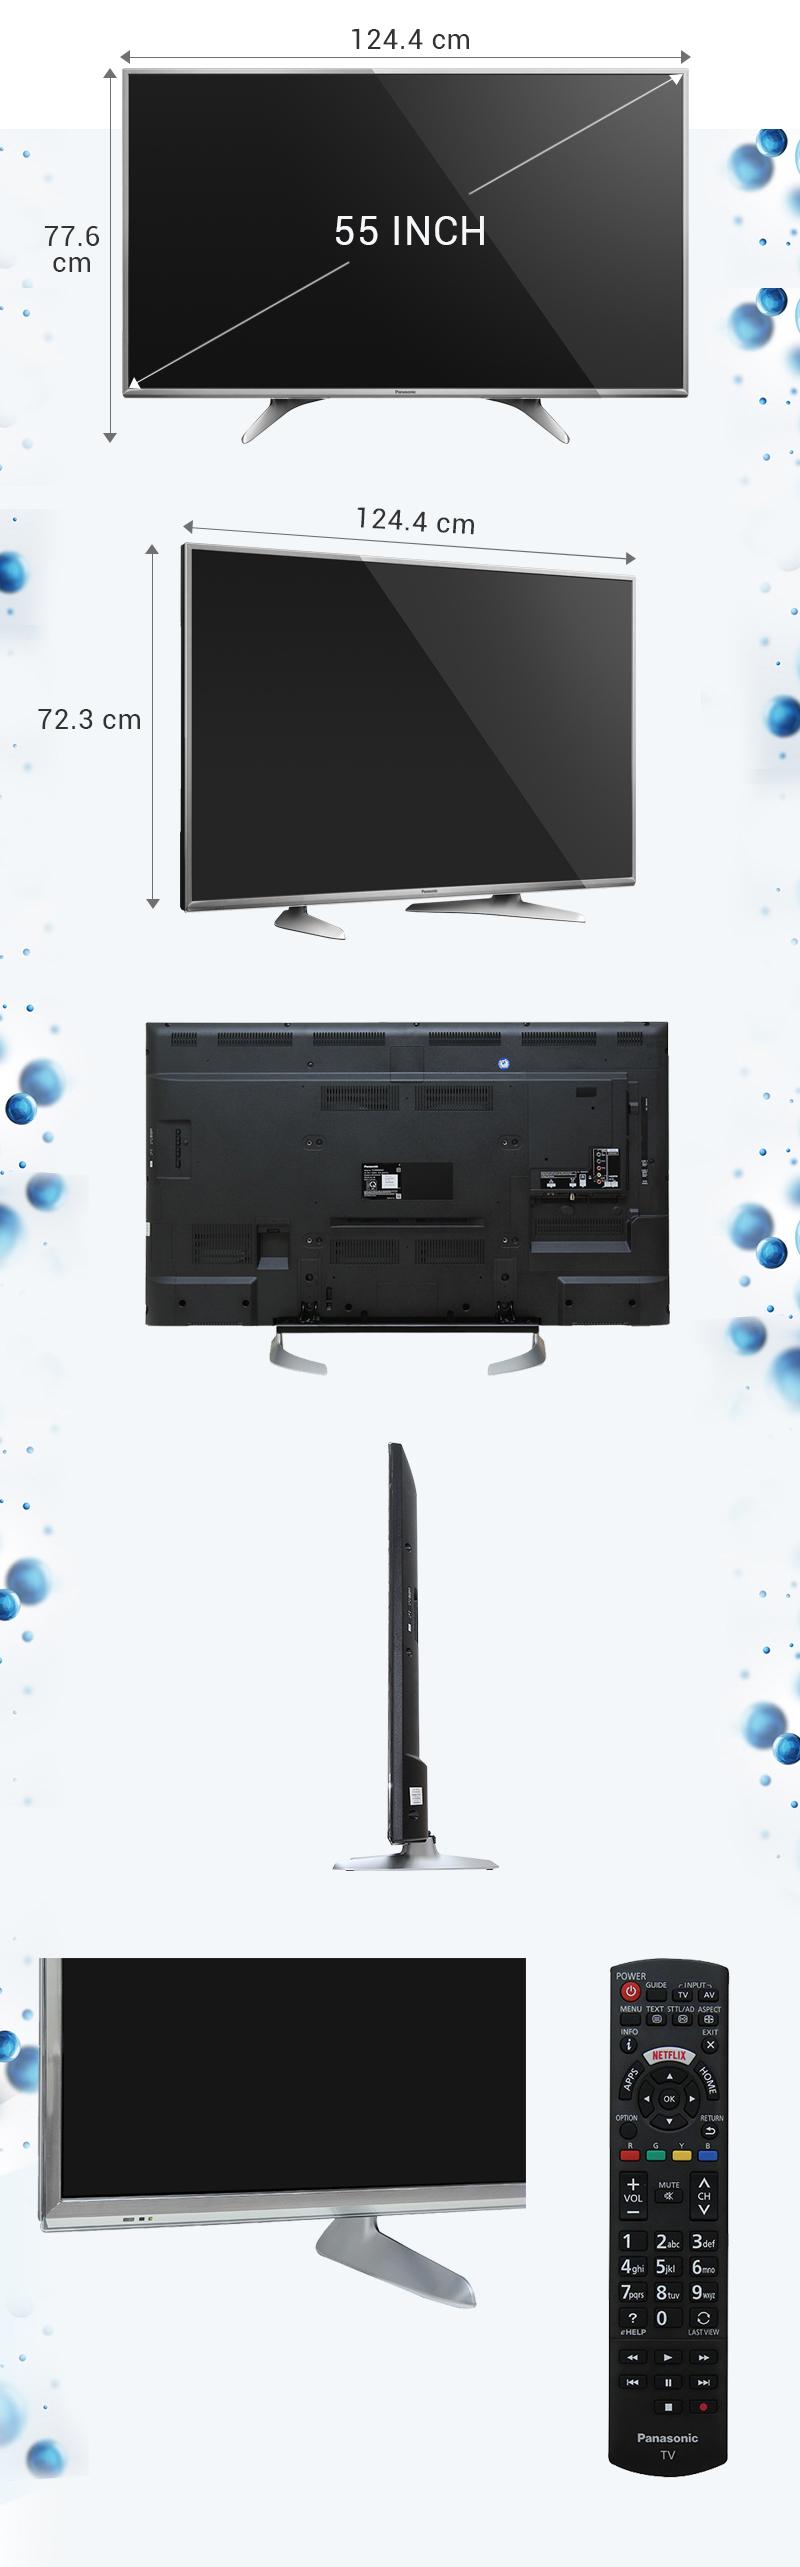 Smart Tivi Panasonic 55 inch TH-55DX650V - Kích thước tivi